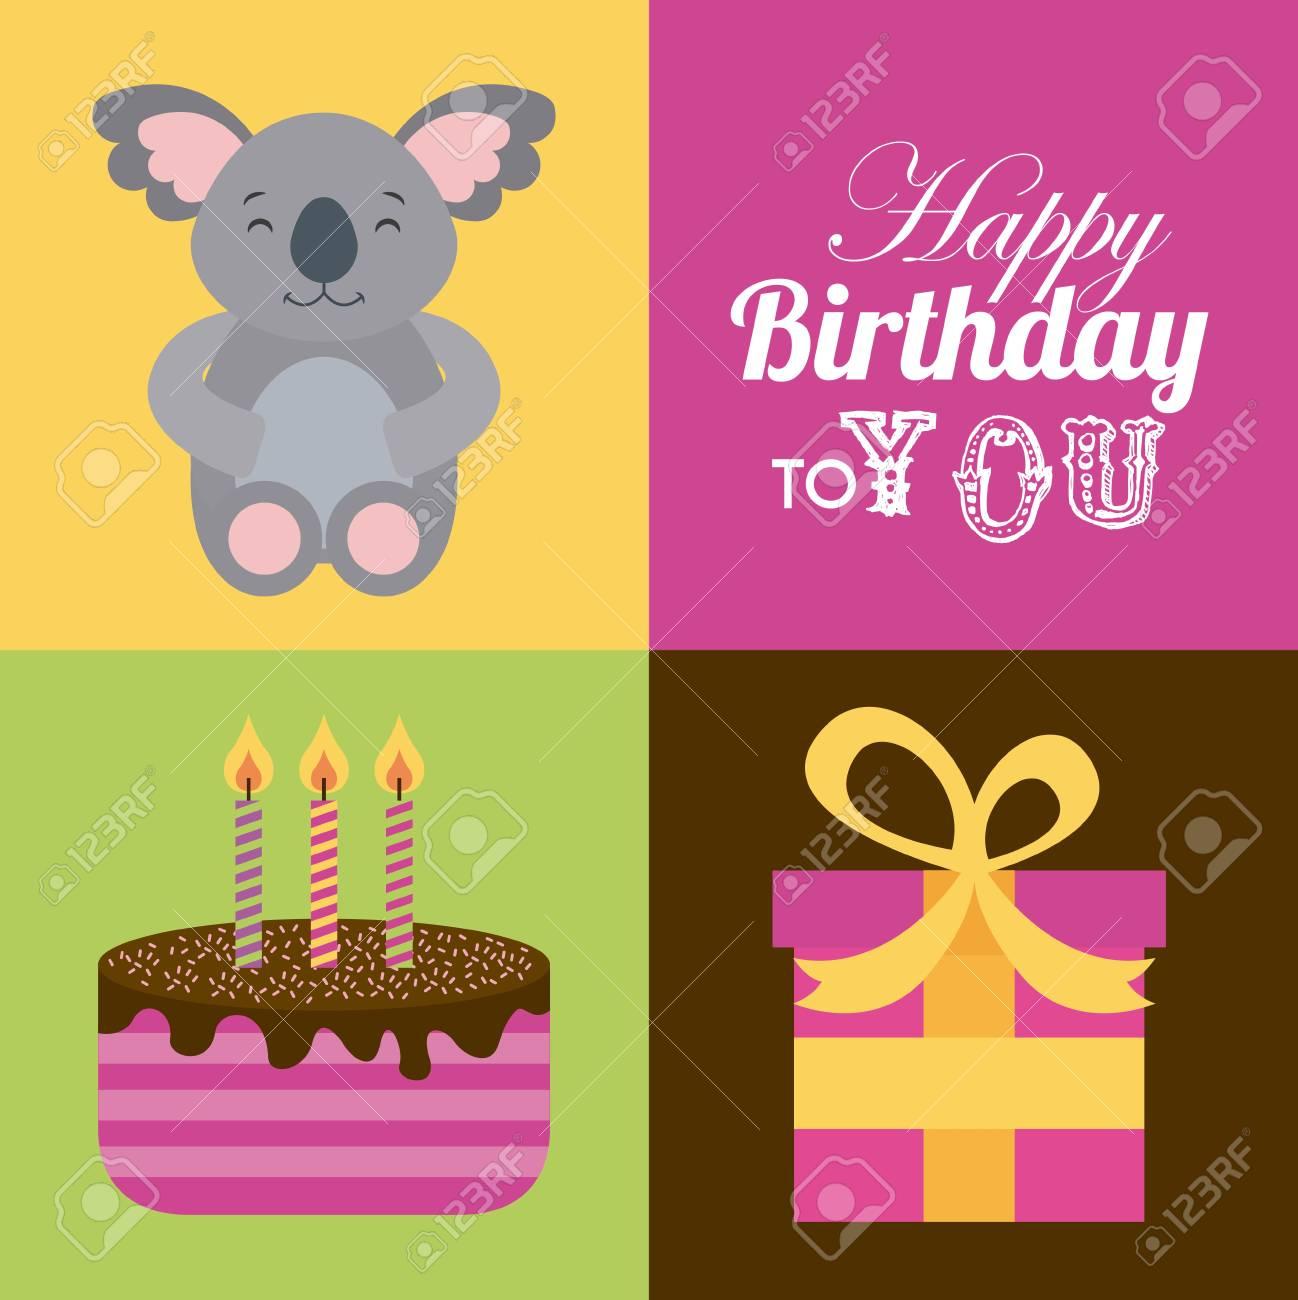 Carte De Joyeux Anniversaire Avec Koala Mignon Et Gâteau Avec Des Bougies Et Une Boîte Cadeau Design Coloré Illustration Vectorielle